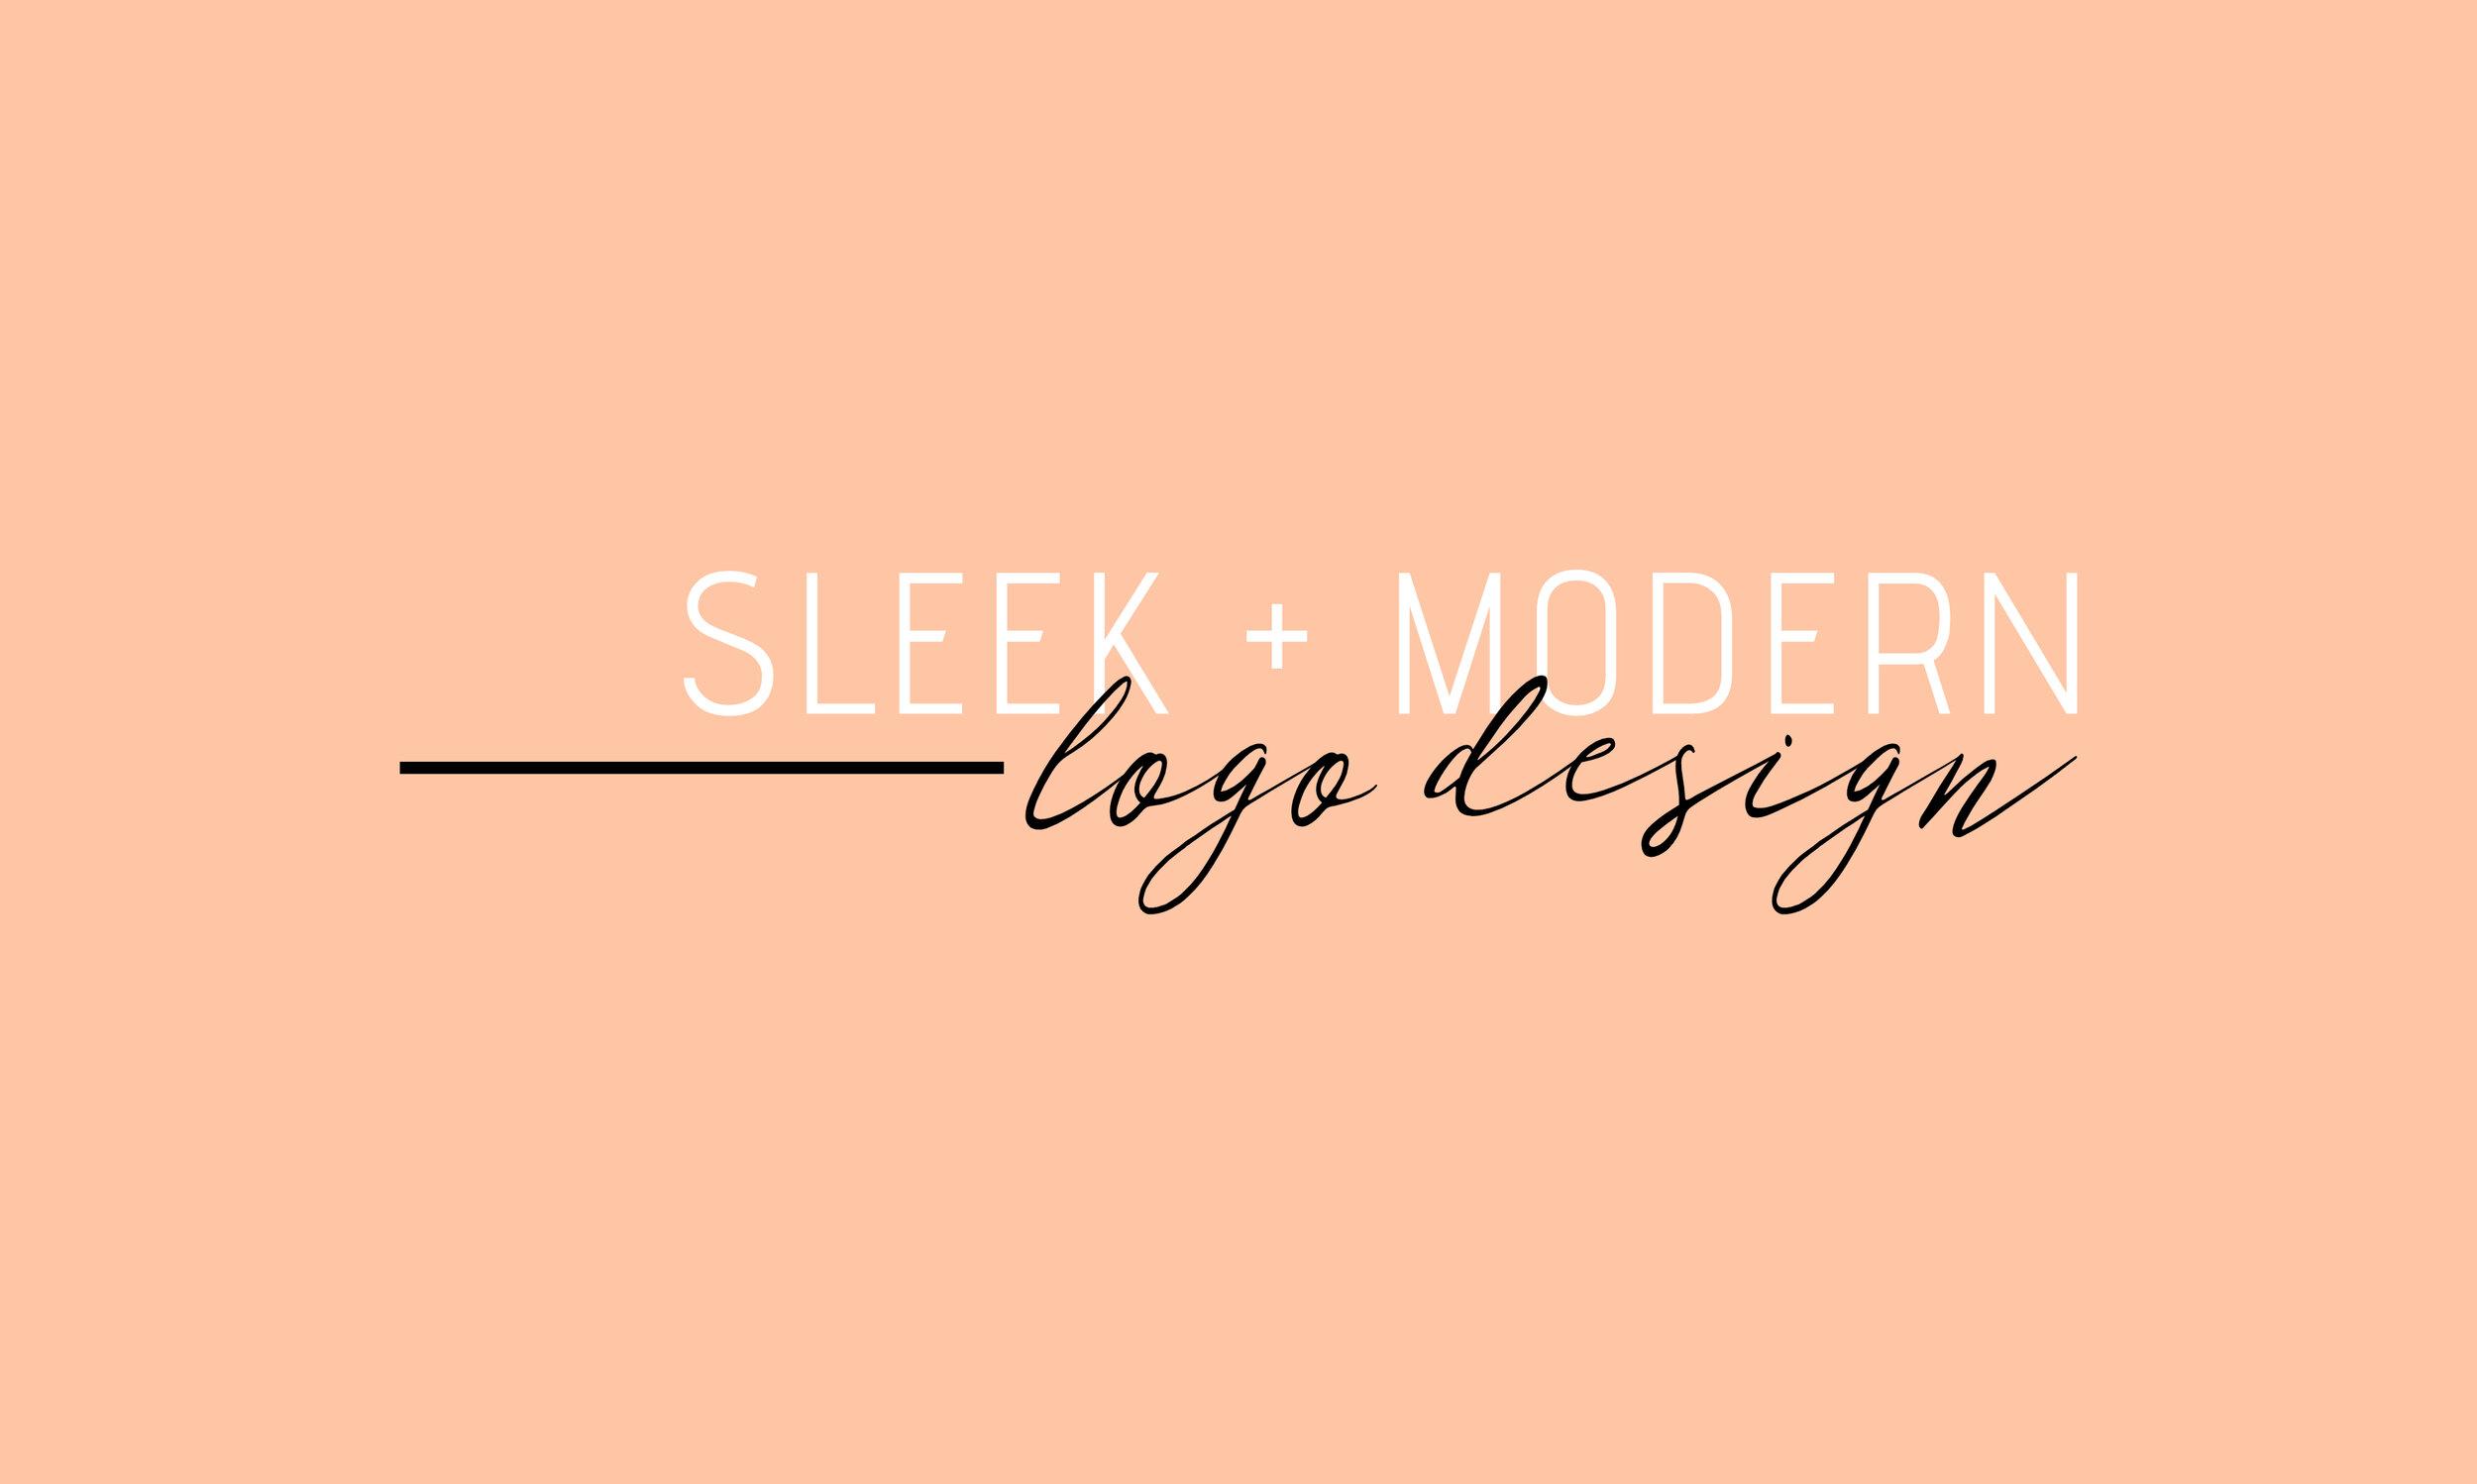 Sleek + Modern - Smaller Cover BeHance.jpg